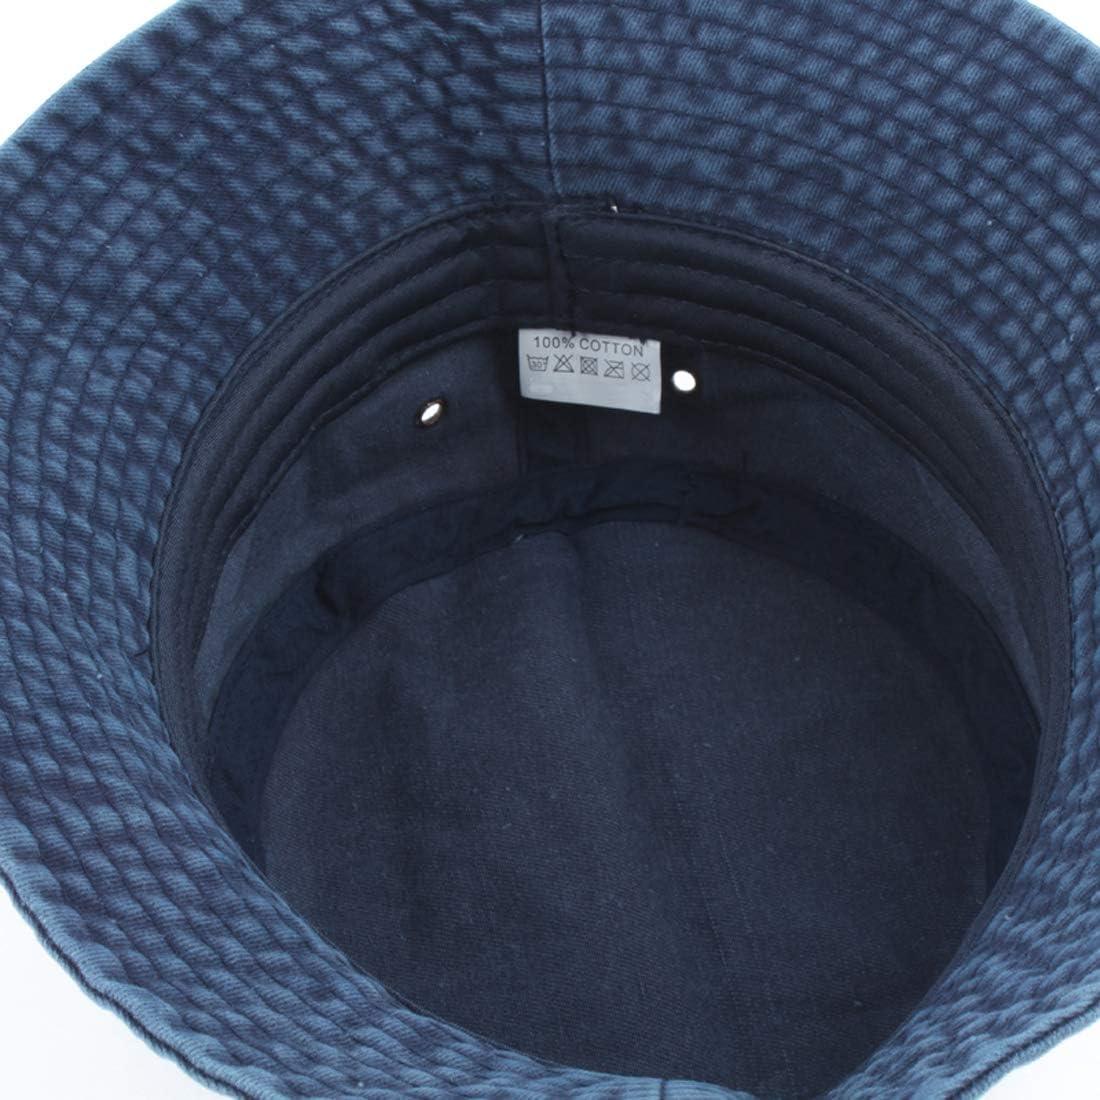 Yixda Vintage Cotton Fischerhut Sonnenhut Washed Retro Outdoor Bucket Hat